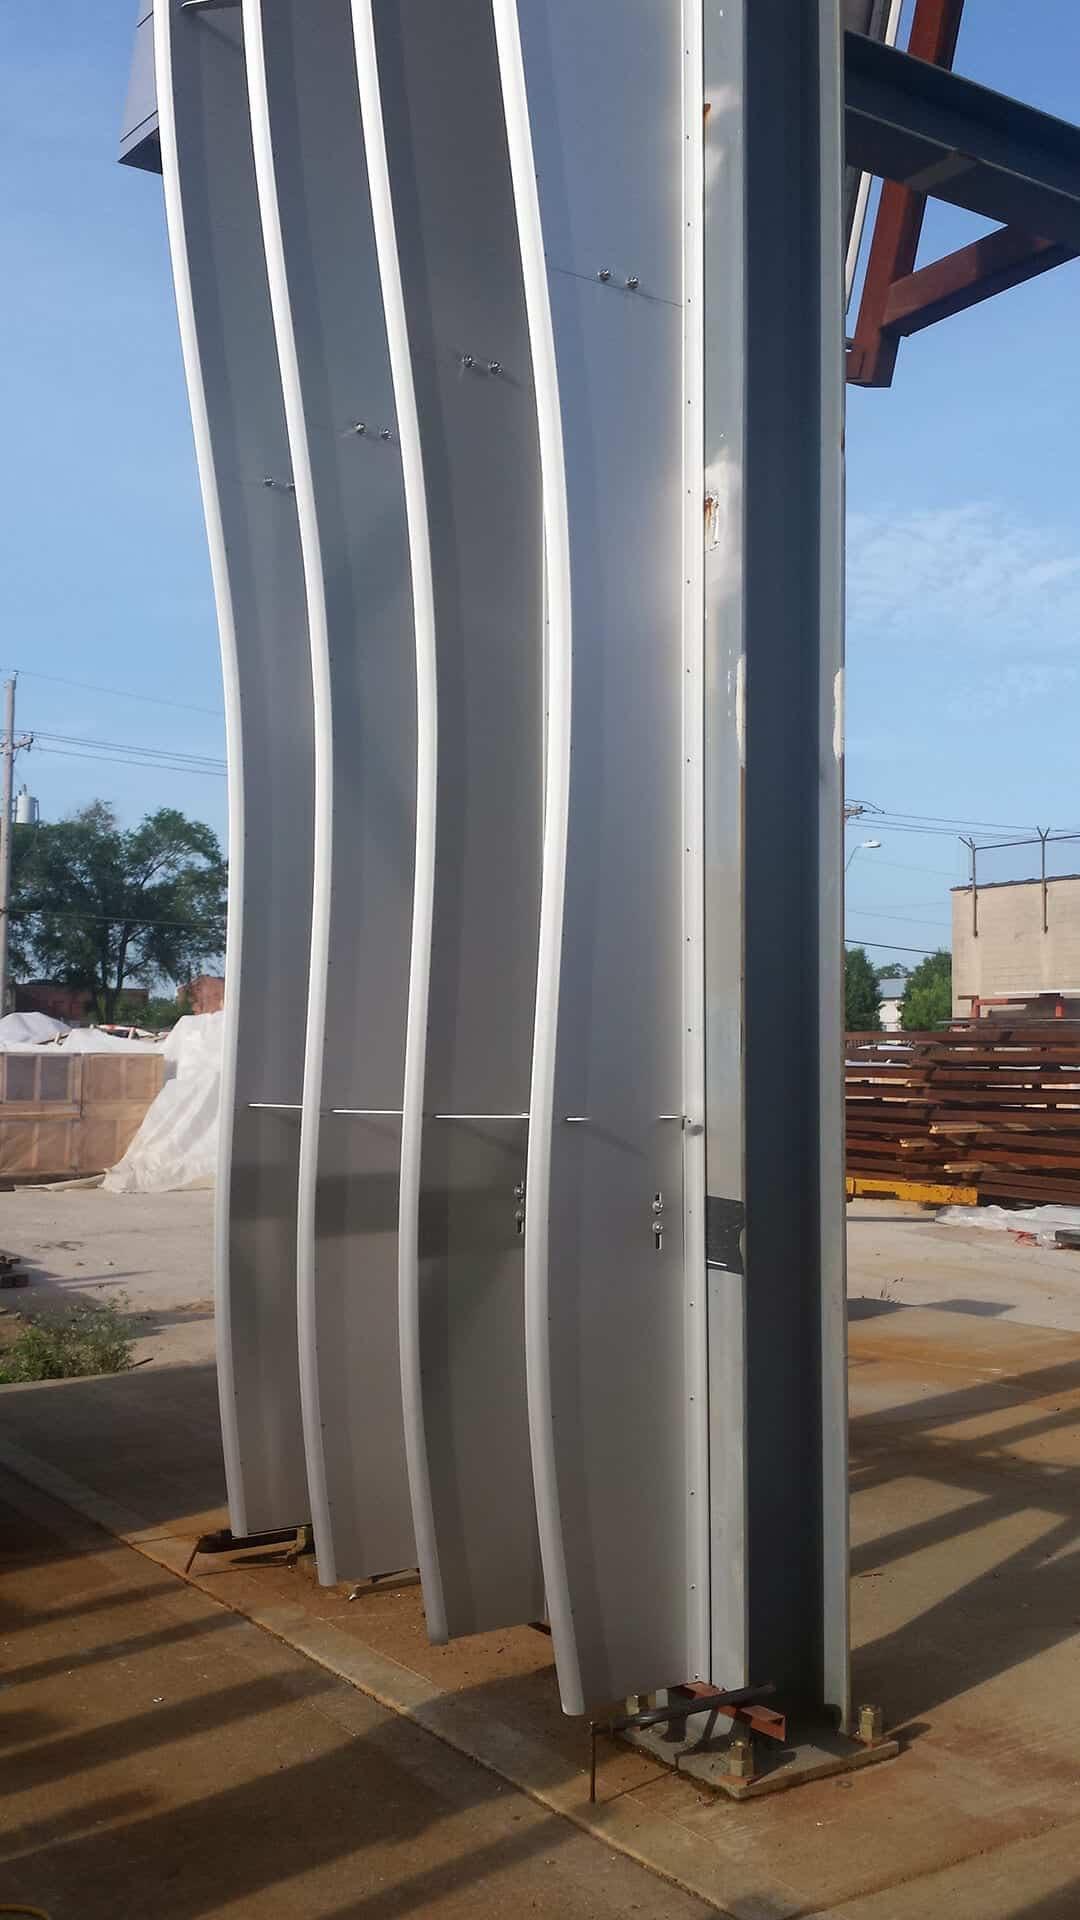 Mockup for Cedar Kettner Parking Structure.